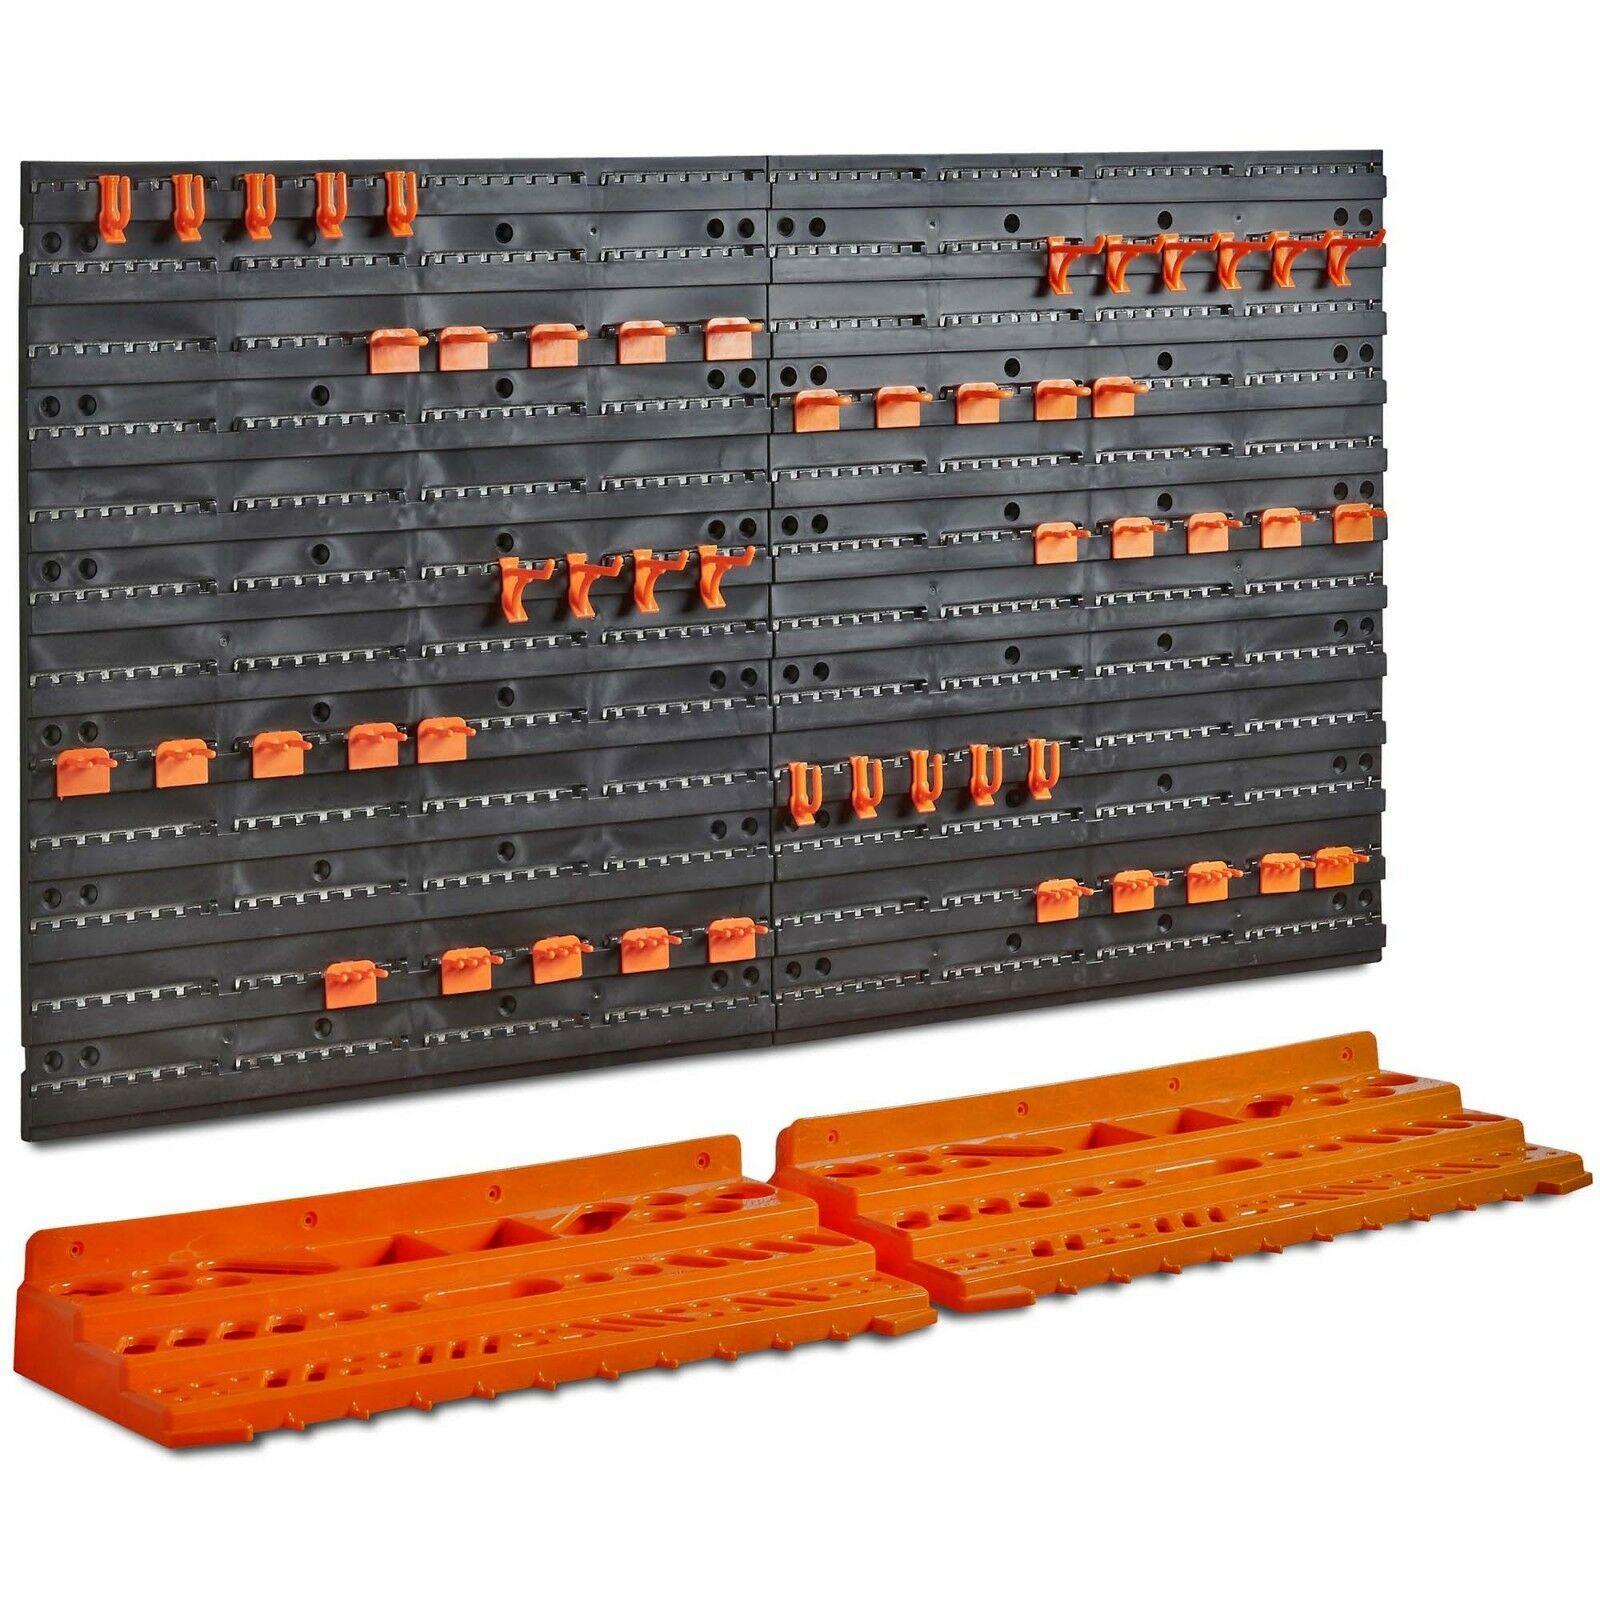 VonHaus Pegboard & Shelf Tool Organiser - Garage Wall Mounted Tool Holder Rack £19.99 (UK Mainland & NI) @ Vonhaus